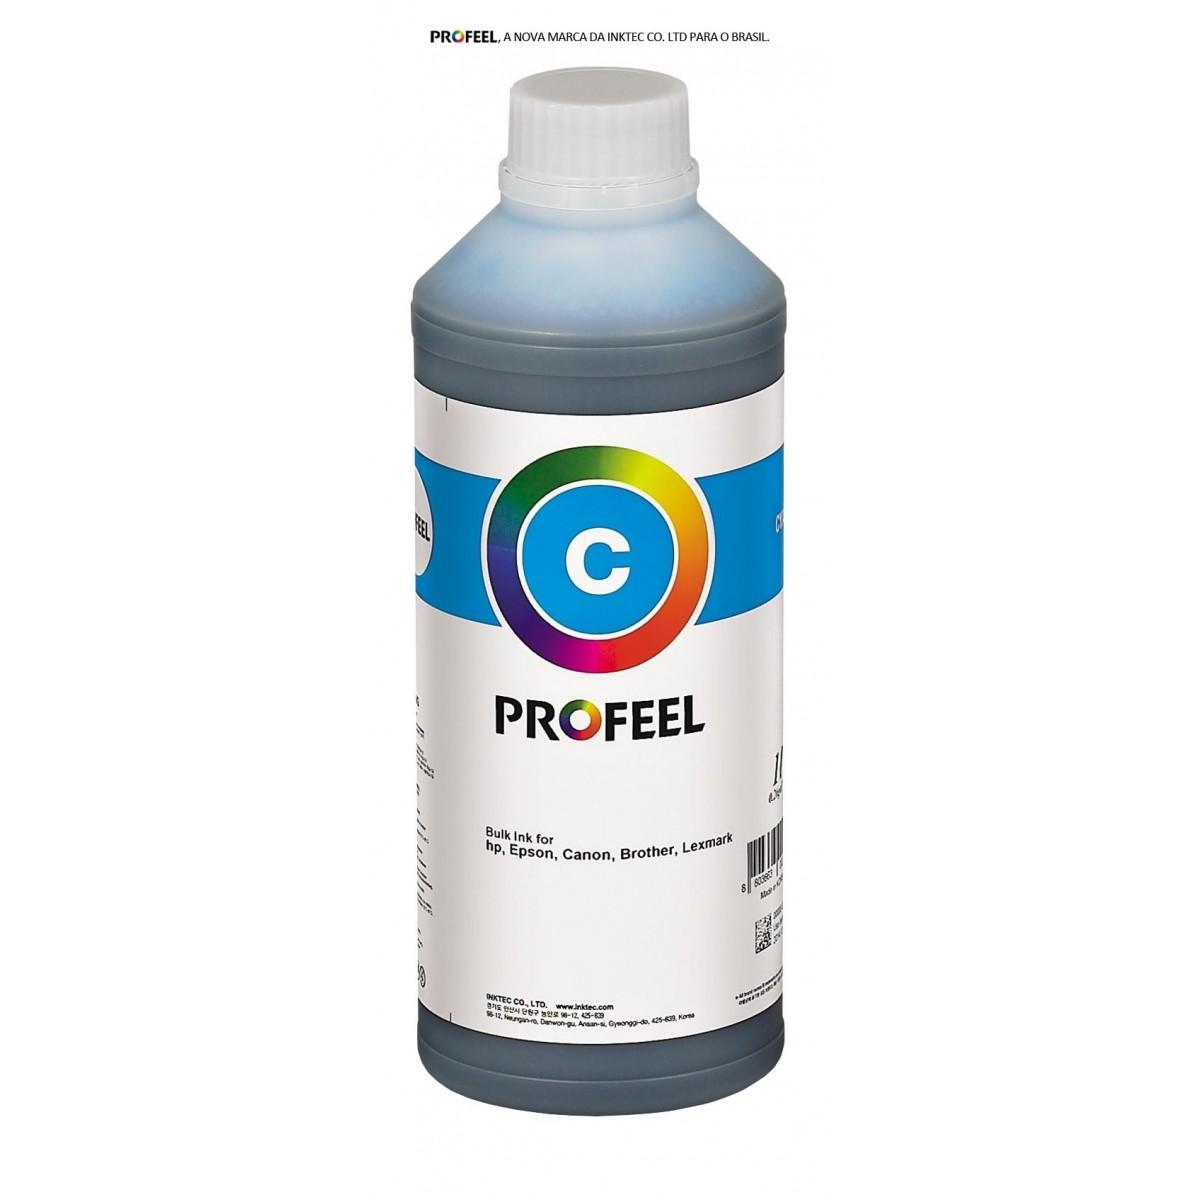 Tinta pigmentada InkTec Profeel modelo H8940-01LC | Frasco de 1 litro | Cor : Ciano